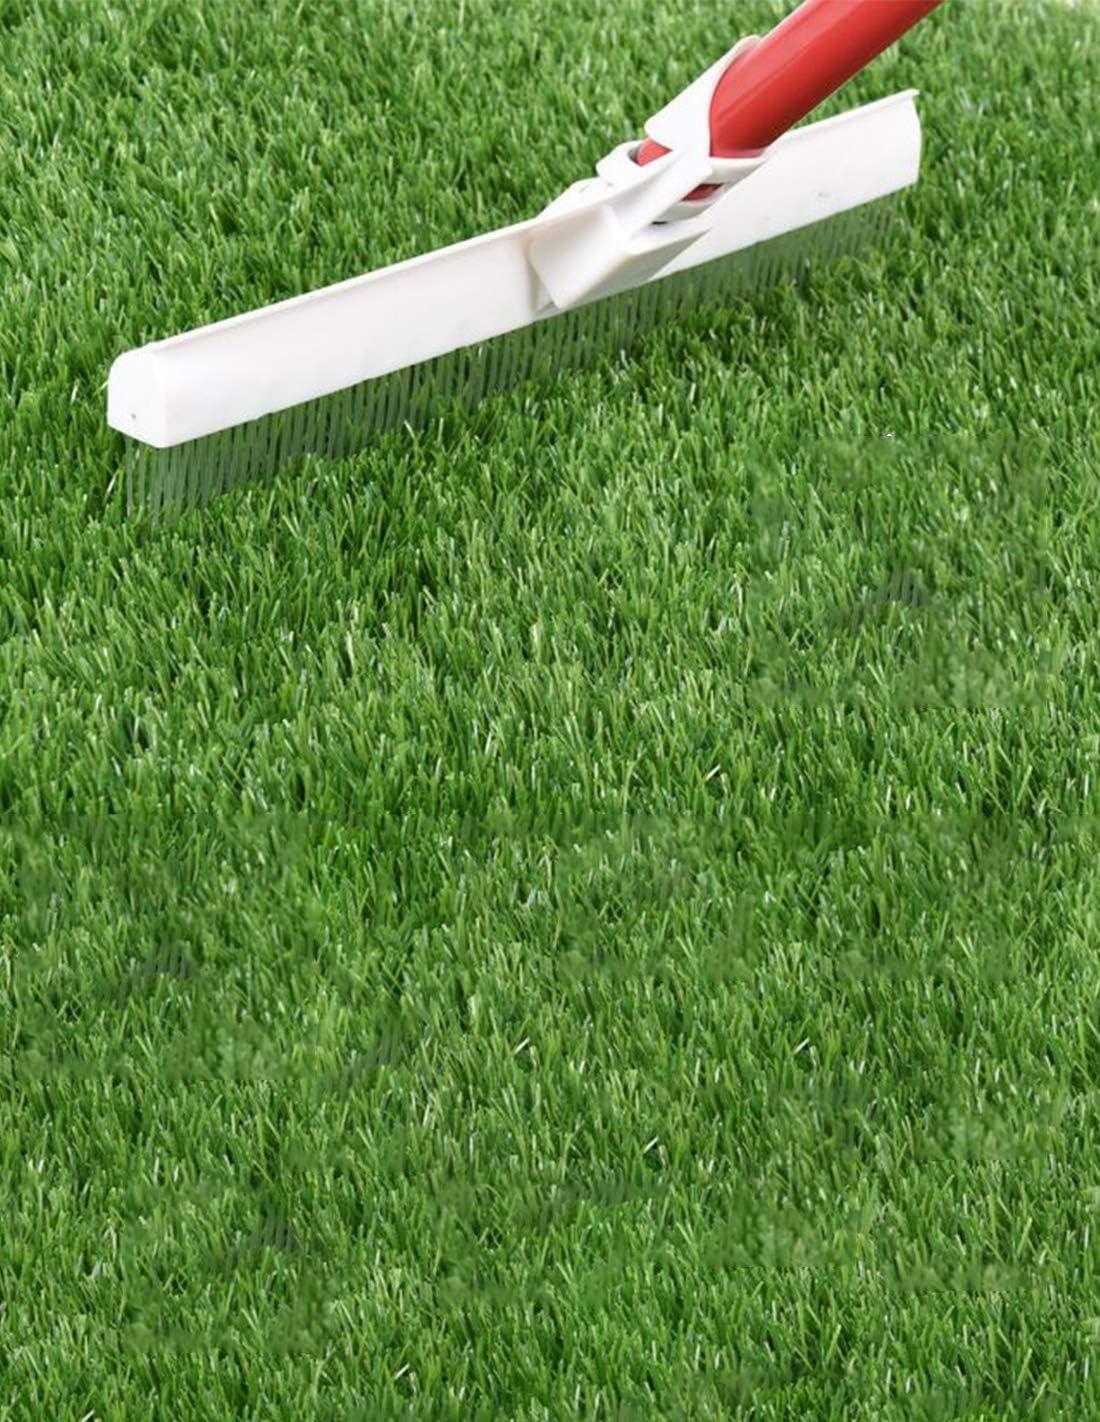 Faura - Cepillo para peinar Césped Artificial - 30cm: Amazon.es ...